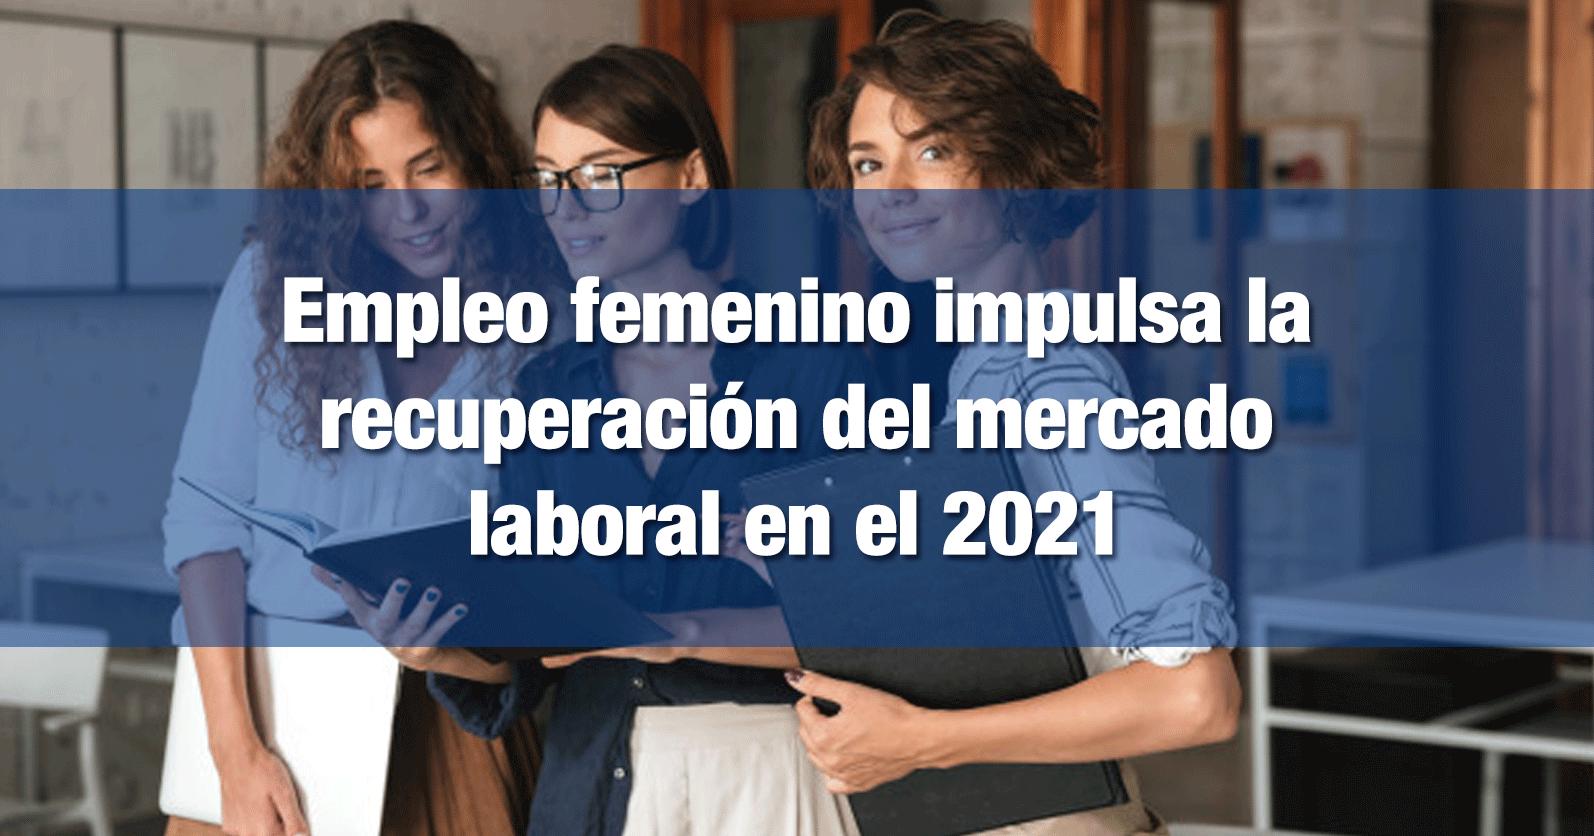 Empleo femenino impulsa la recuperación del mercado laboral en el 2021